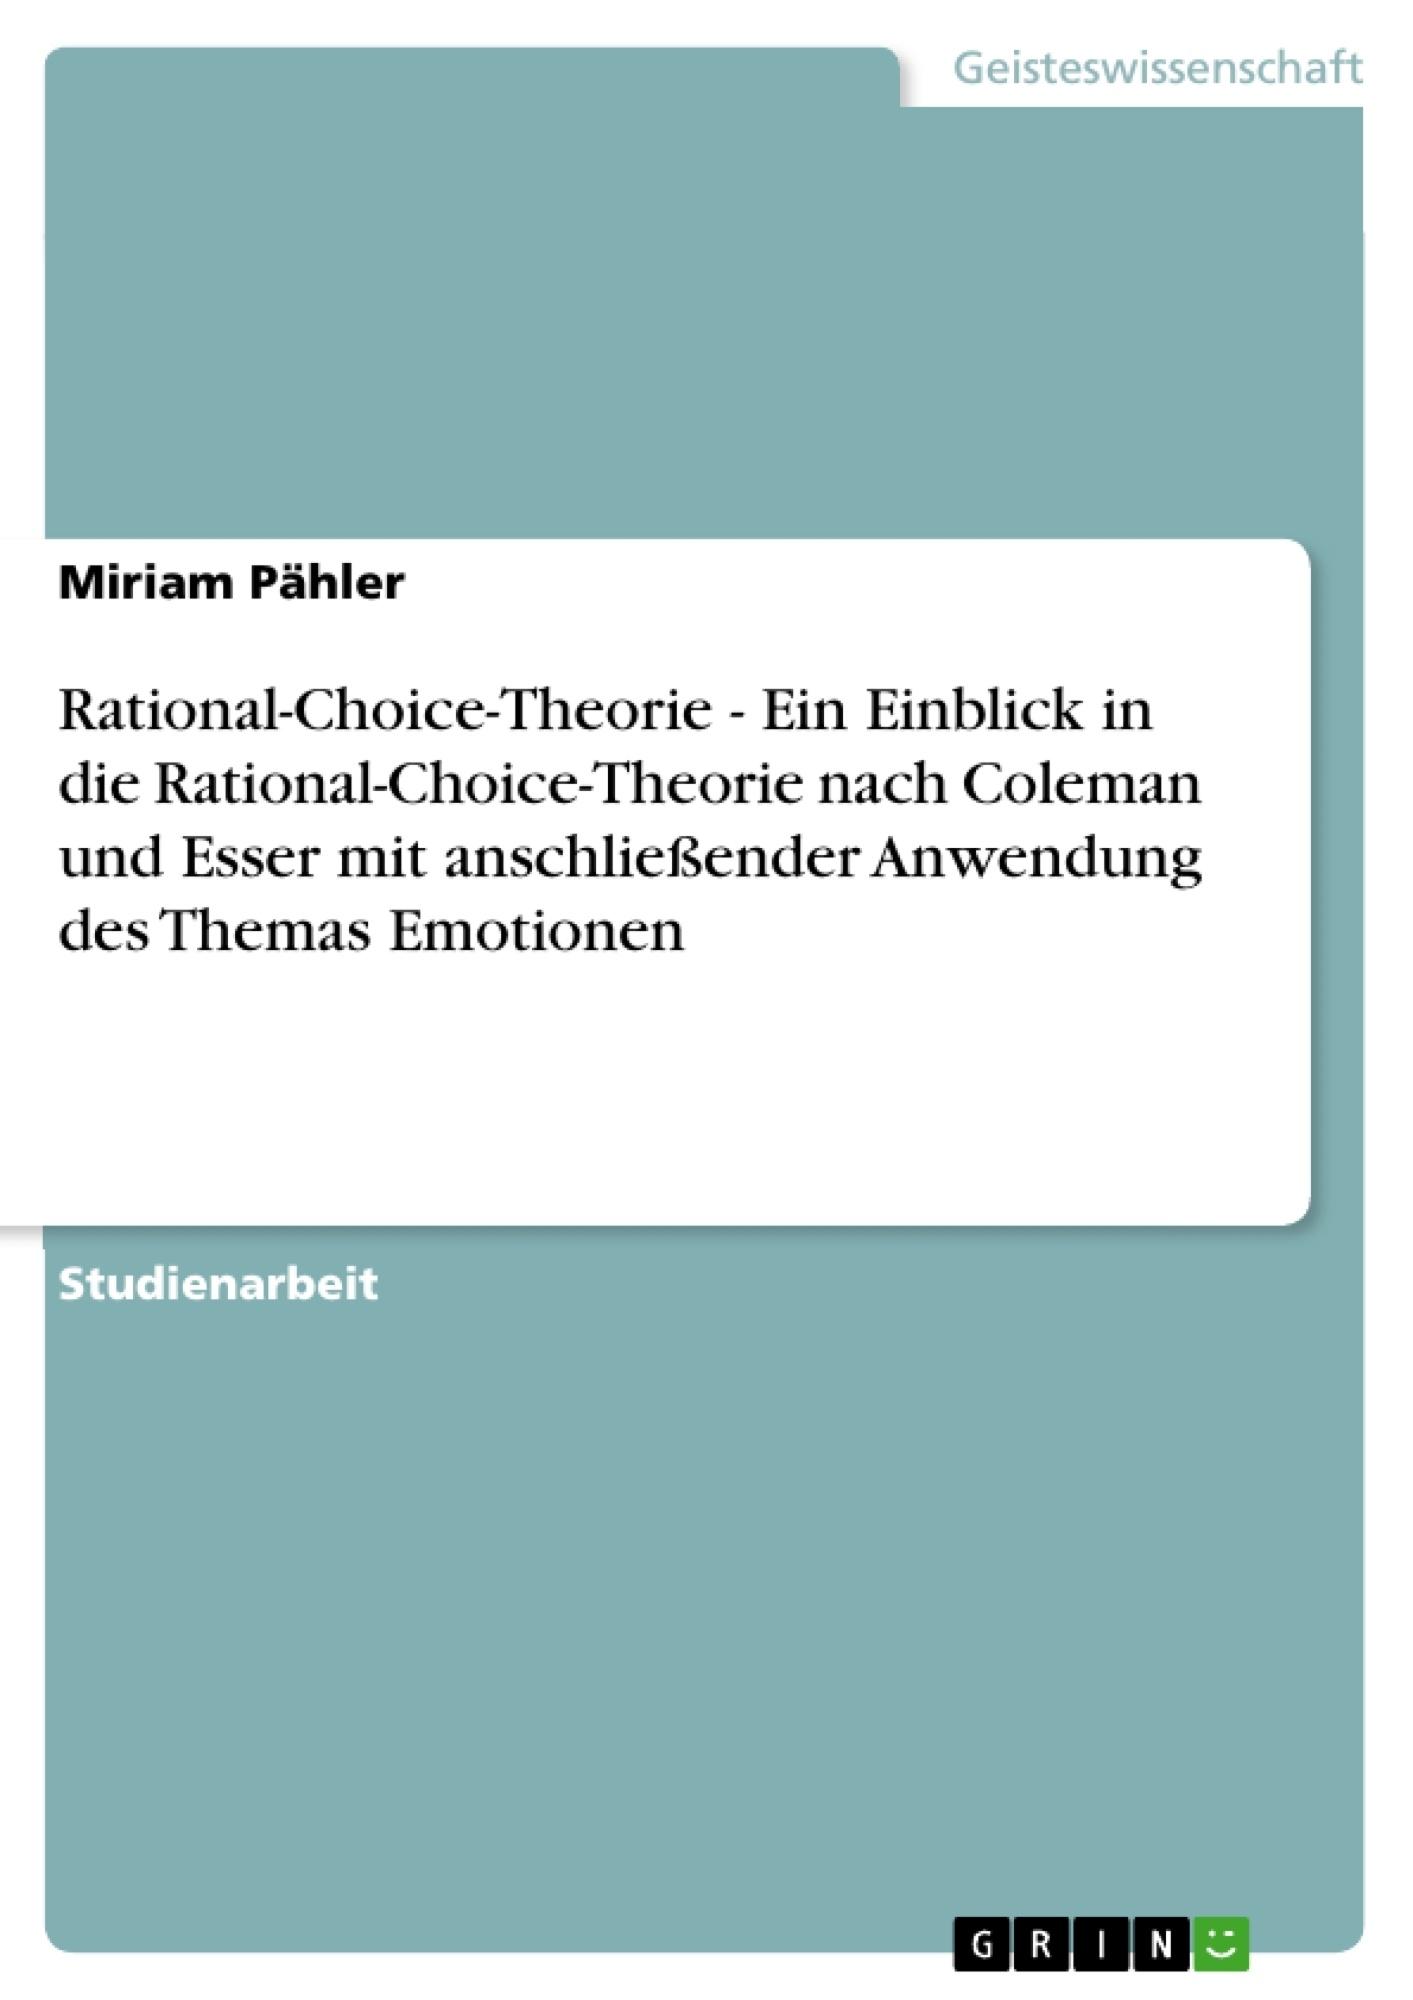 Titel: Rational-Choice-Theorie - Ein Einblick in die Rational-Choice-Theorie nach Coleman und Esser mit anschließender Anwendung des Themas Emotionen